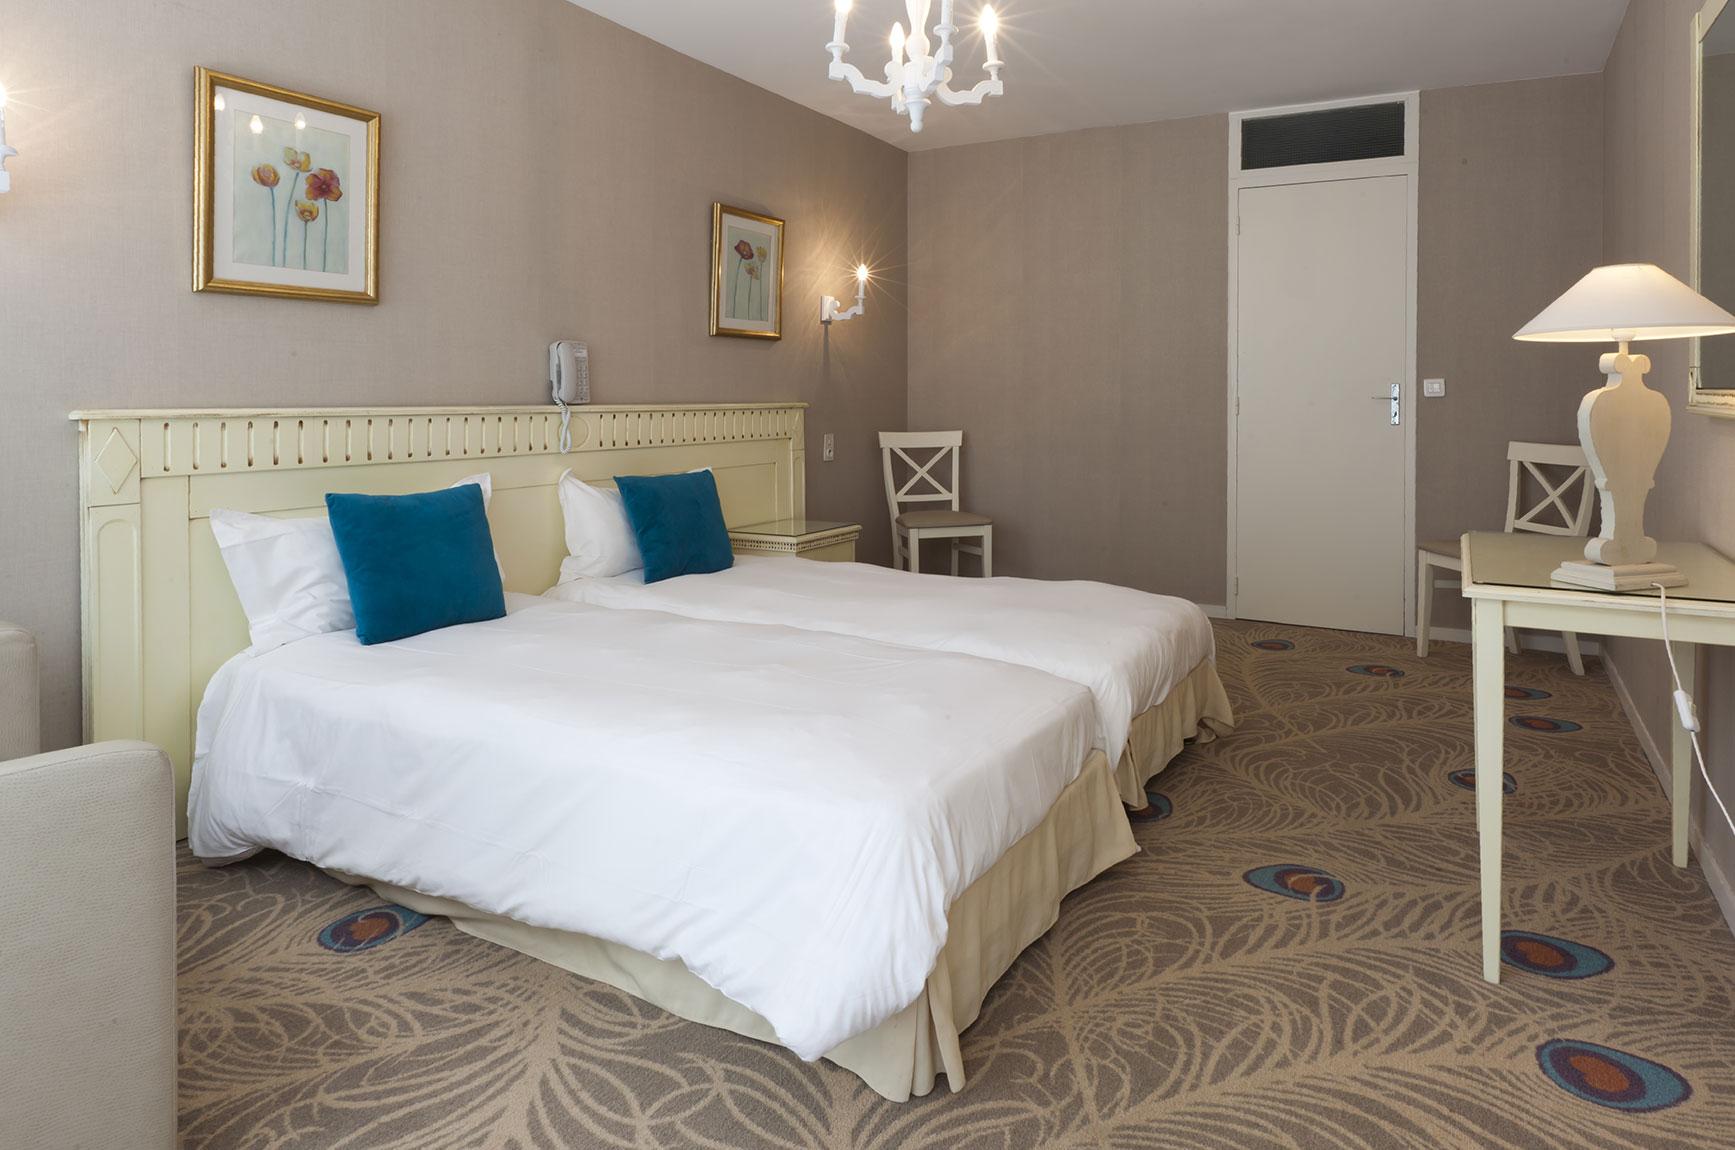 Camera da letto con 2 letti singoli h tel du parc - Divano letto con due letti singoli ...